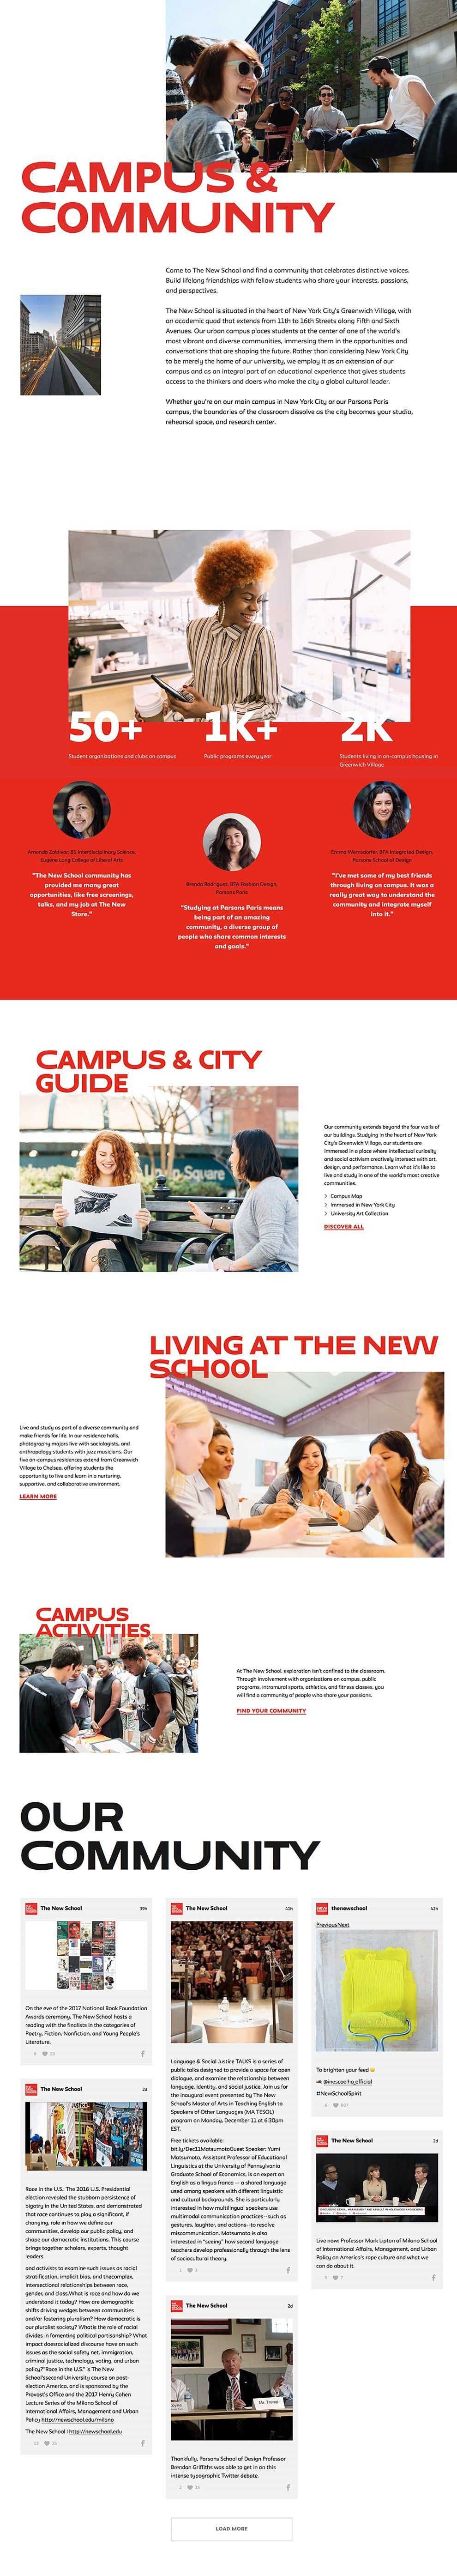 The New School Best Website Design